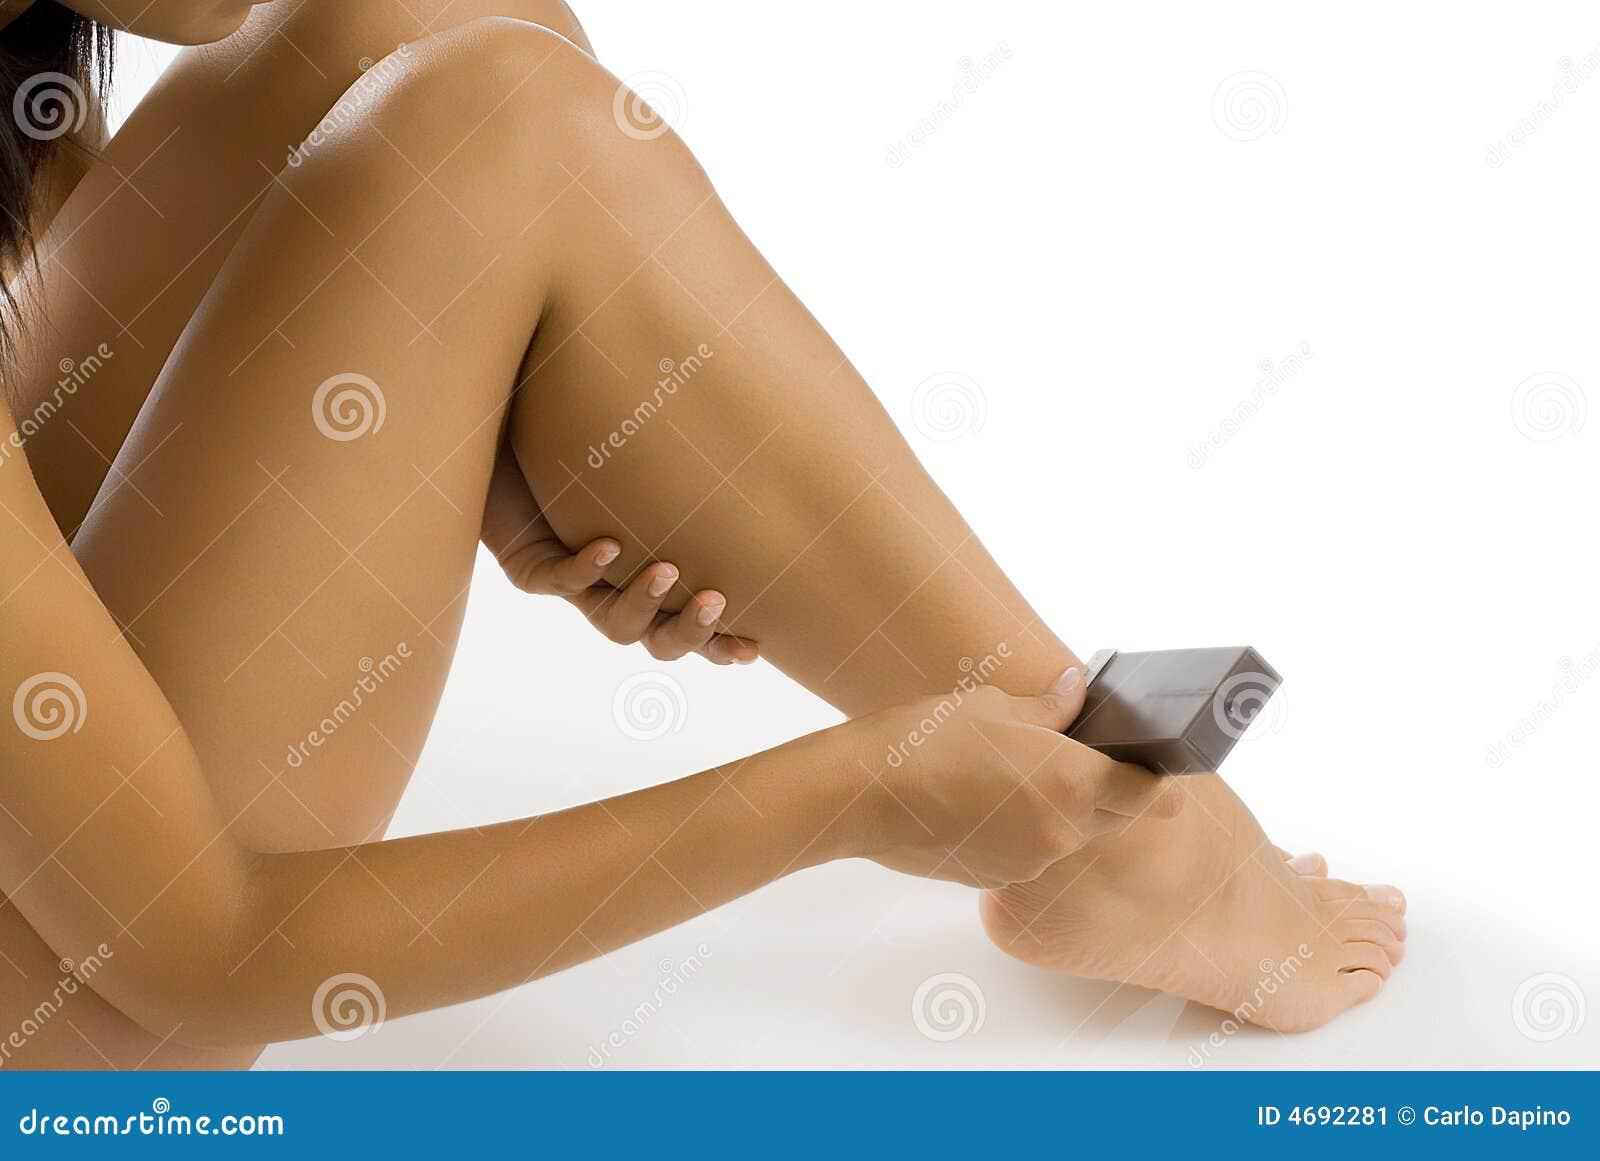 Cire dépilatoire sur des pattes